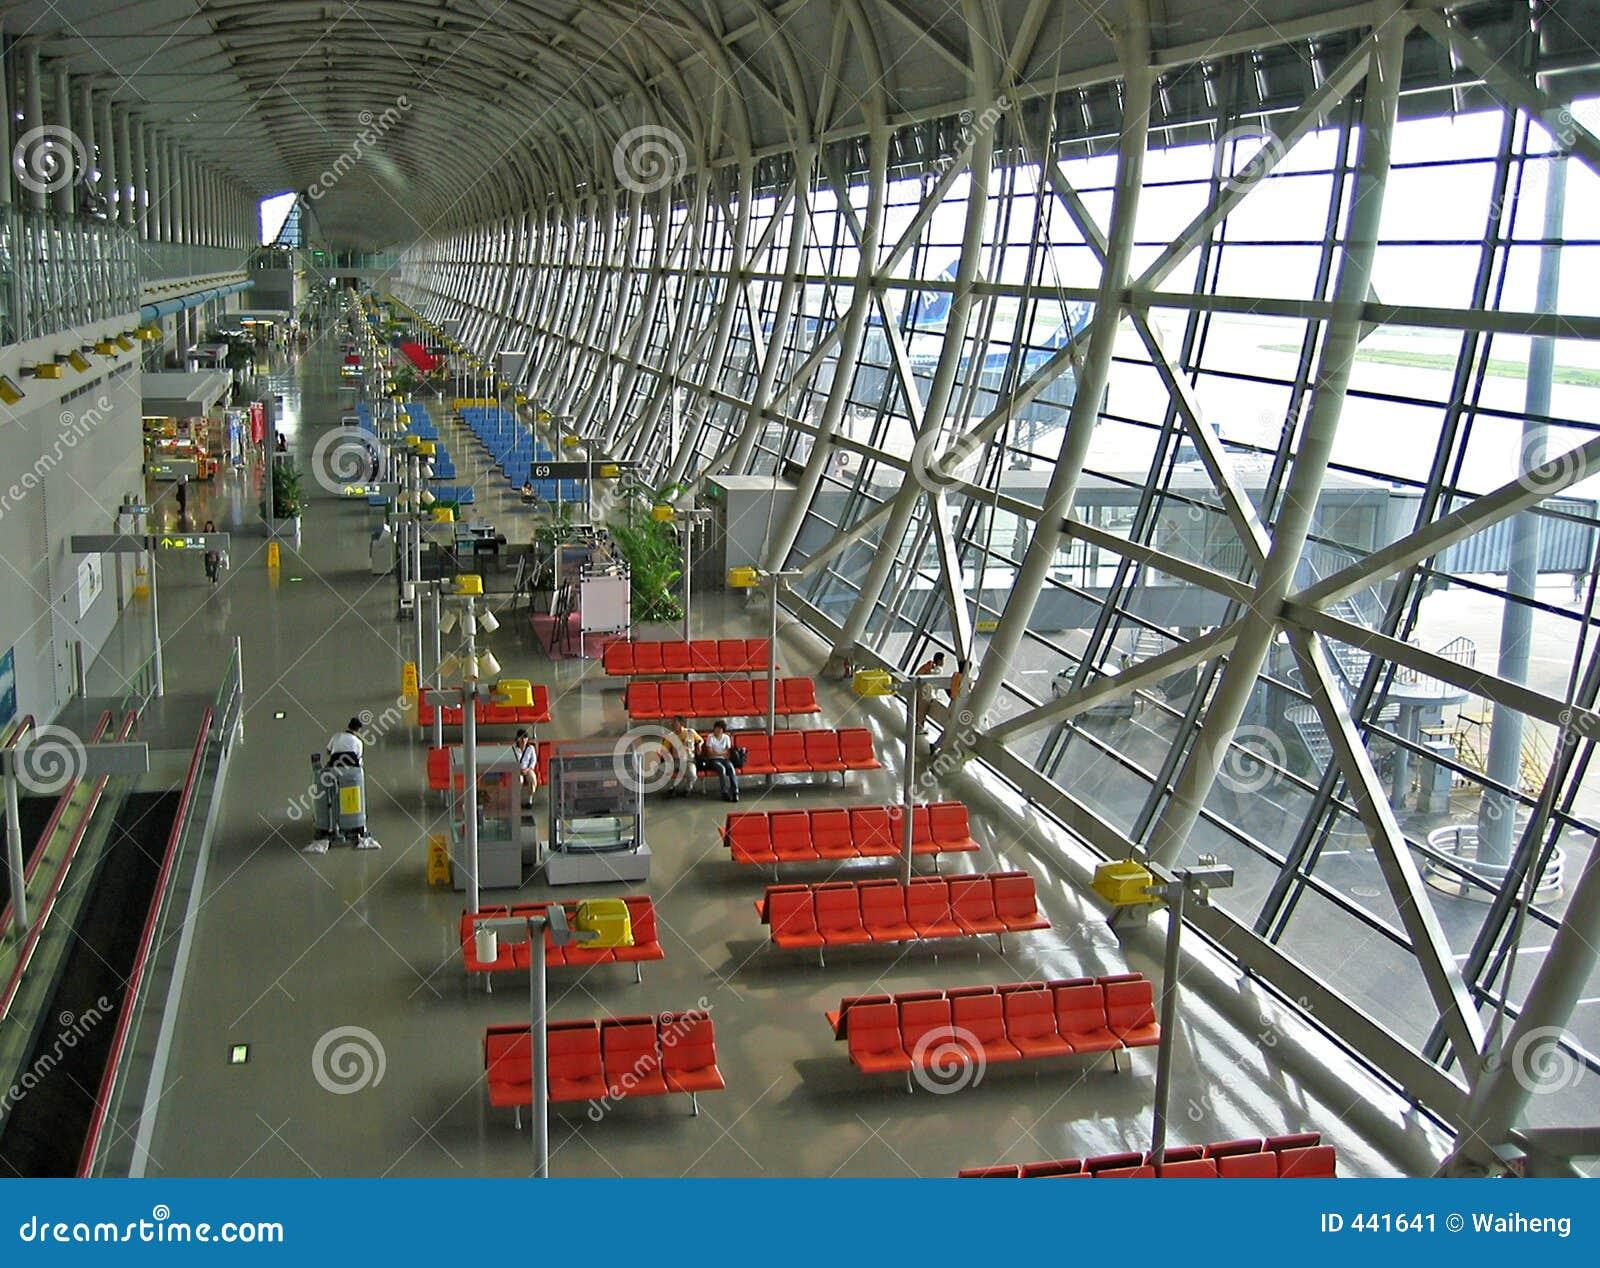 Aeroporto Osaka Kansai : Aeroporto di osaka immagine stock people